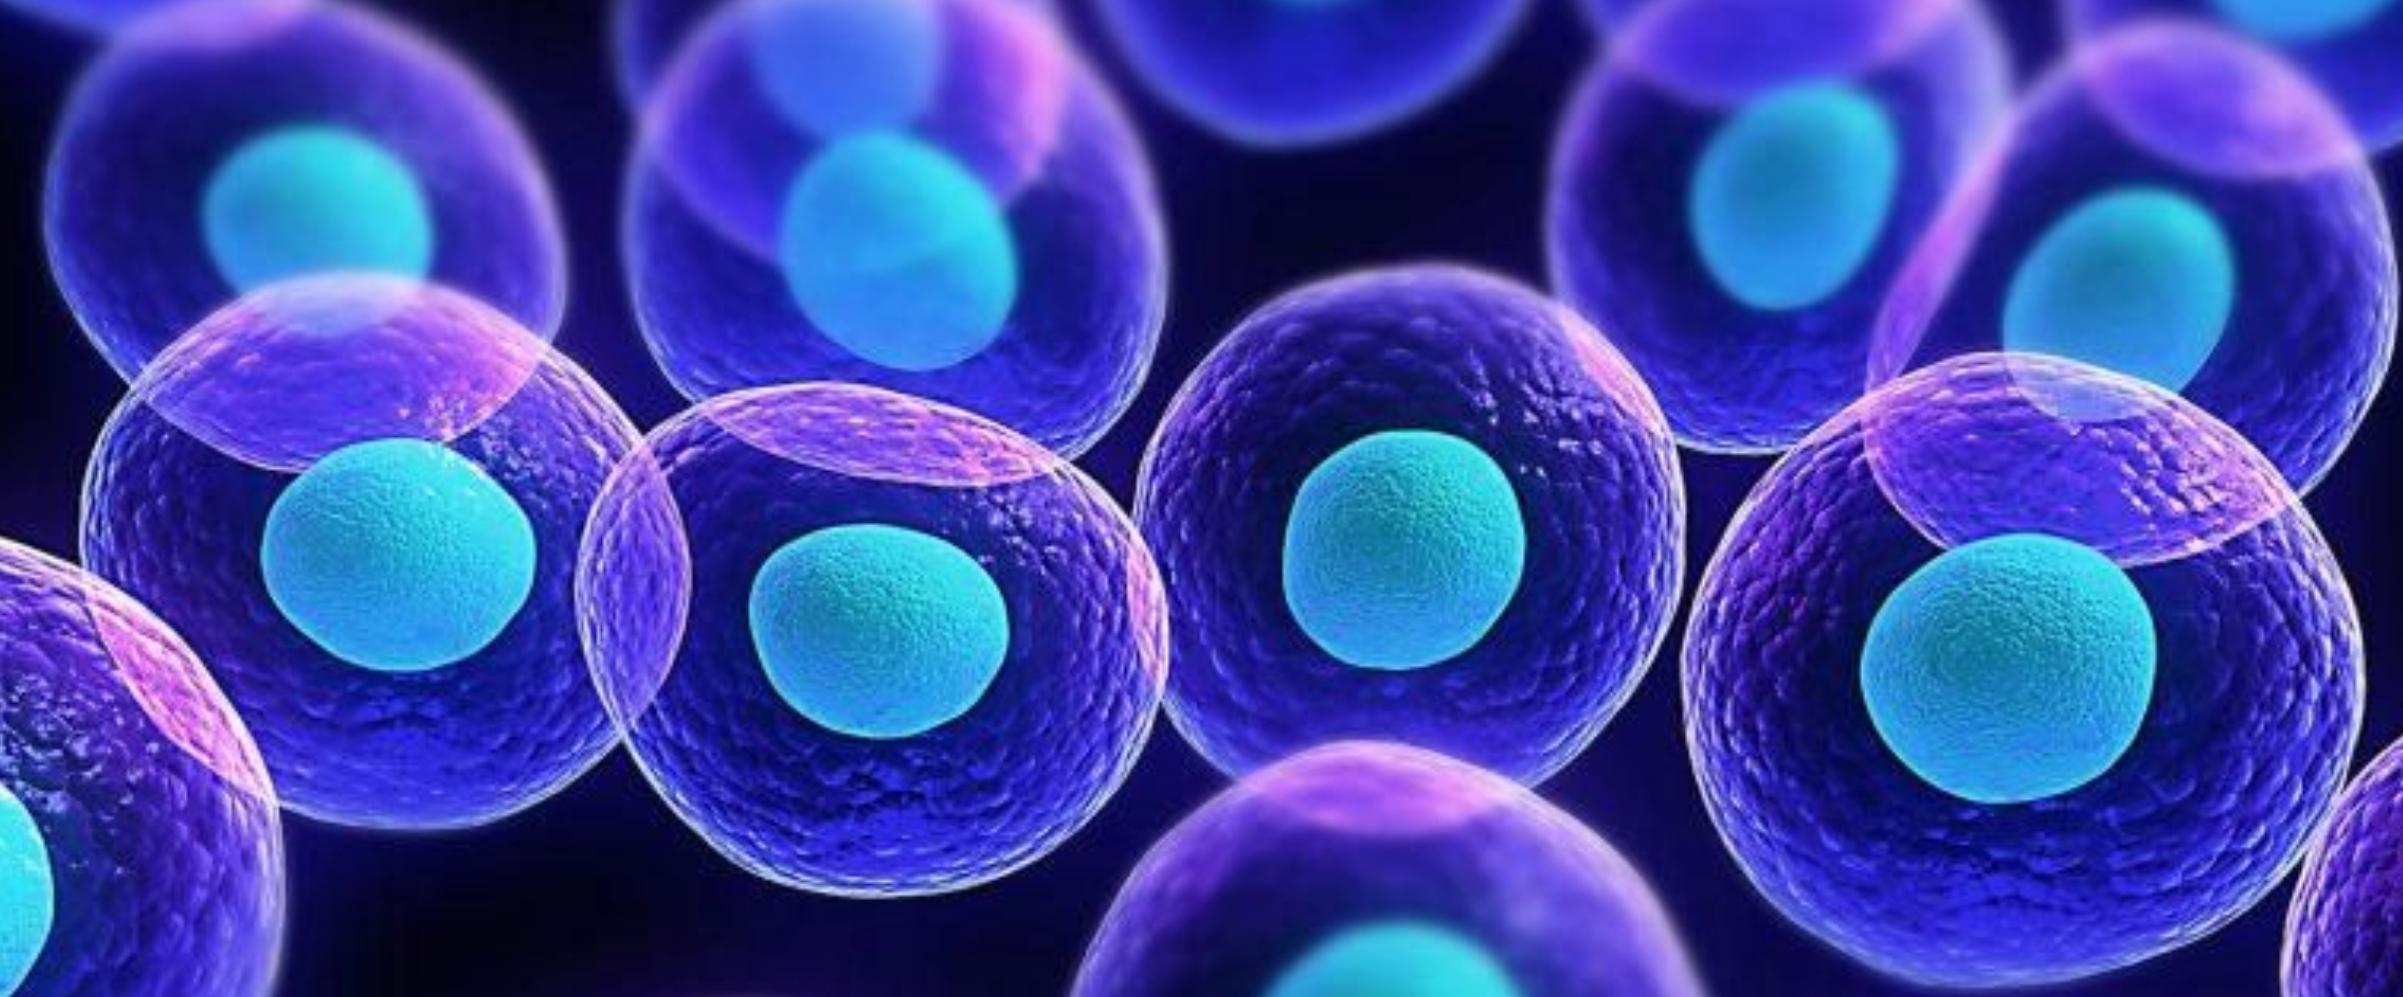 小分子活性肽最基础的作用是什么?2